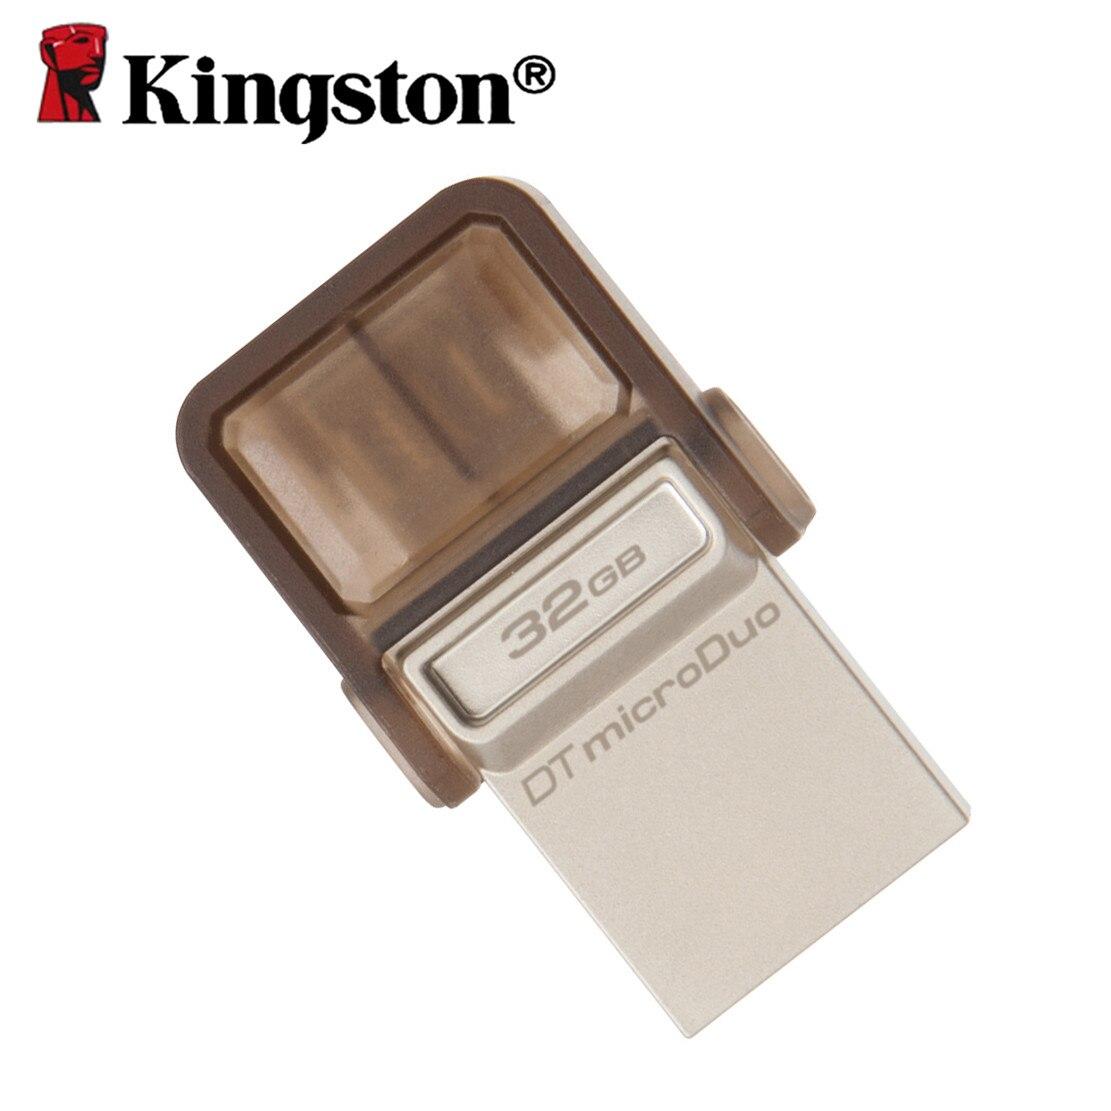 Kingston OTG usb 2.0 clé USB clé usb Smartphone Micro mémoire stylo lecteur 16 gb 32 gb 64 gb USB Portable clé de stockage microDuo